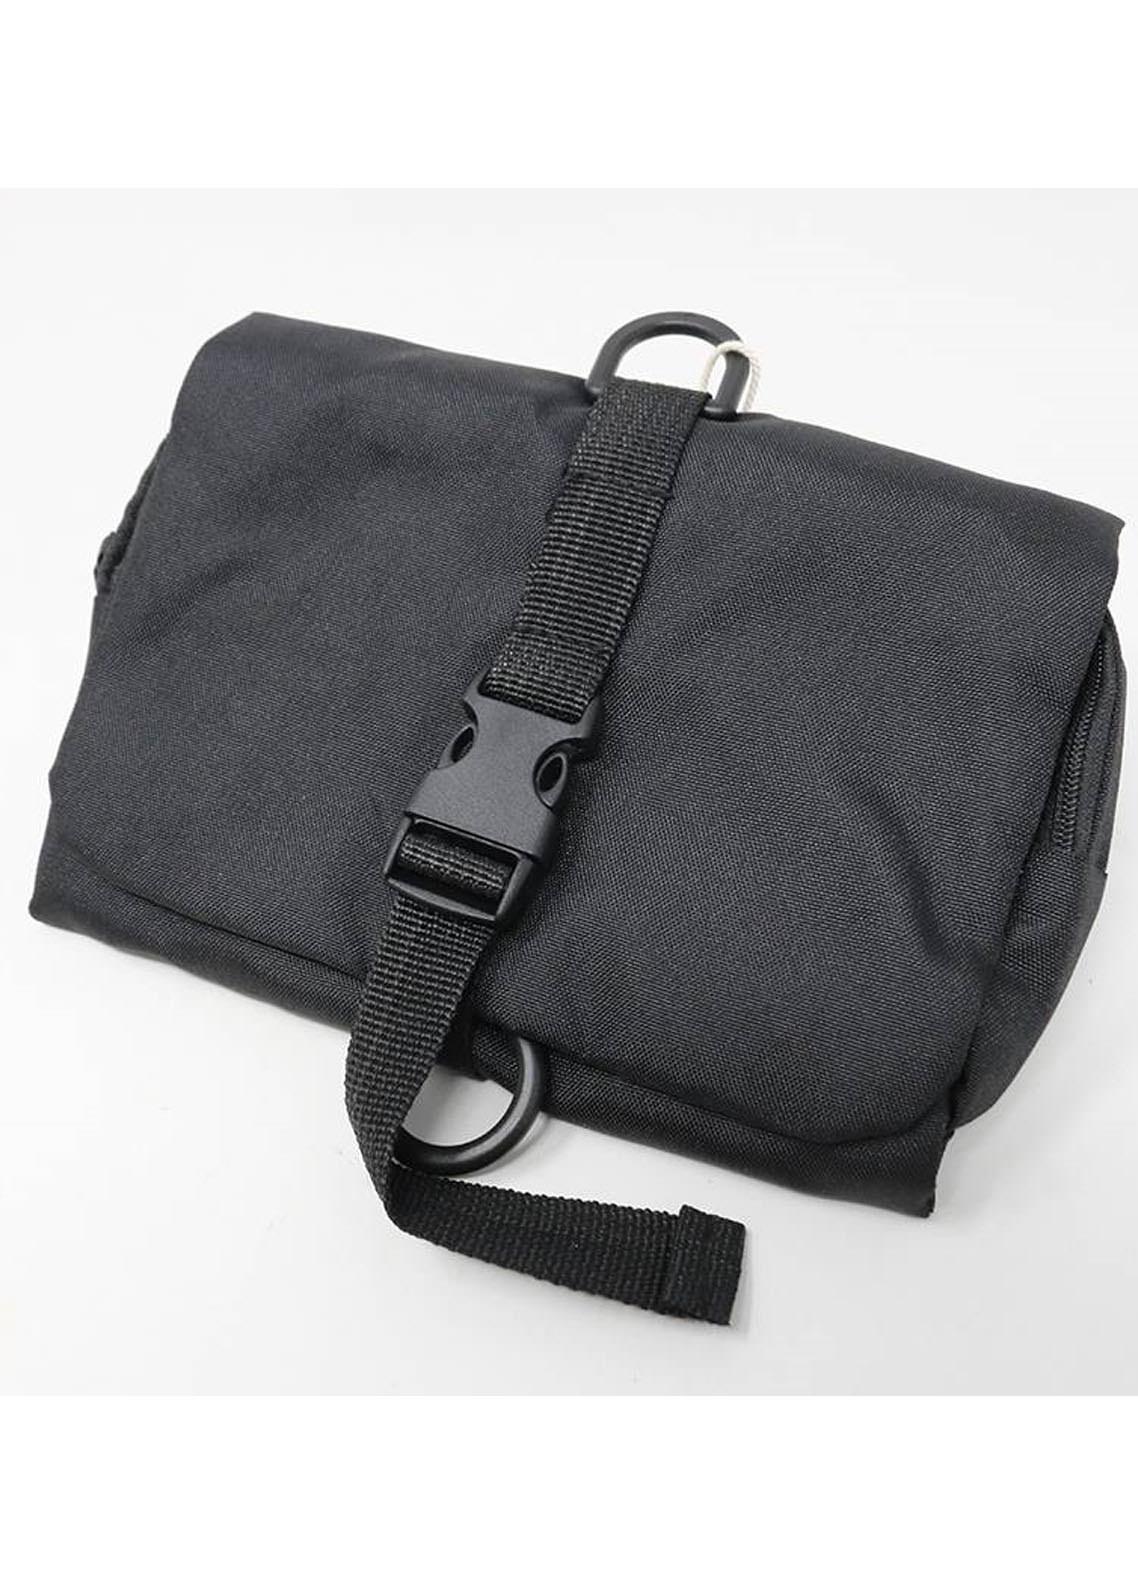 Mumuso TRI-FOLDTOILETRY BAG-SOLIDCOLOR-BLACK